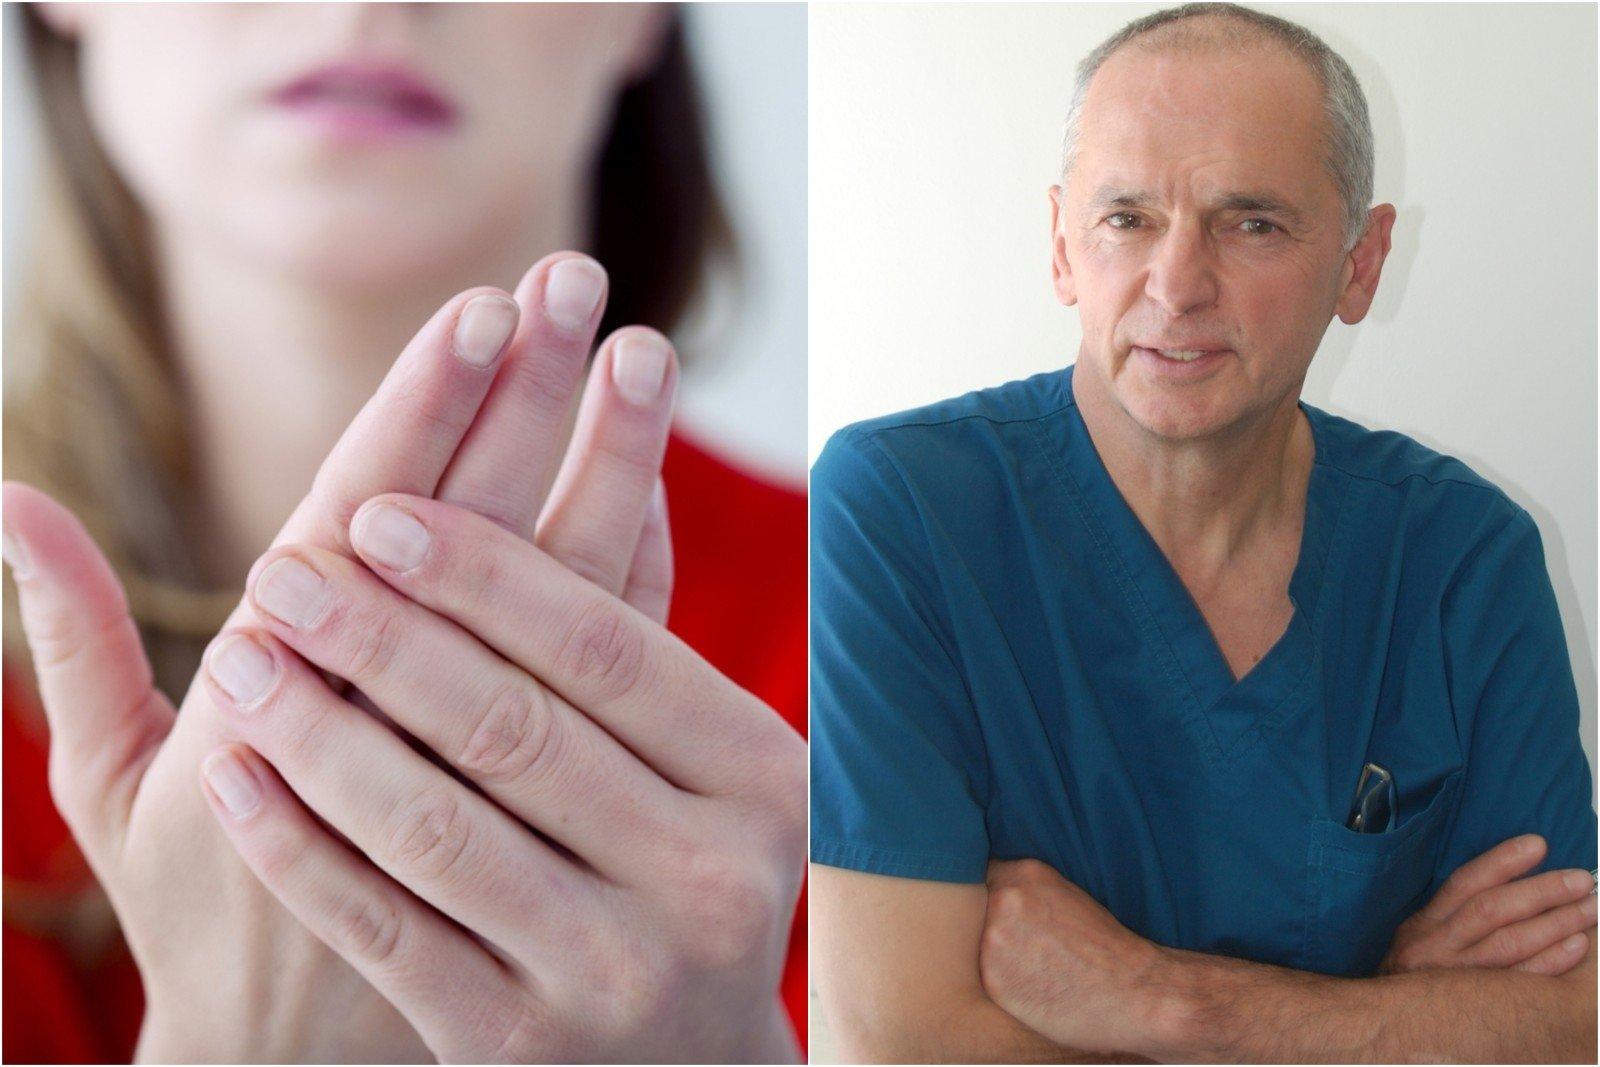 hipertenzija 2 rizika kas tai yra padaryti negalią esant hipertenzijai 2